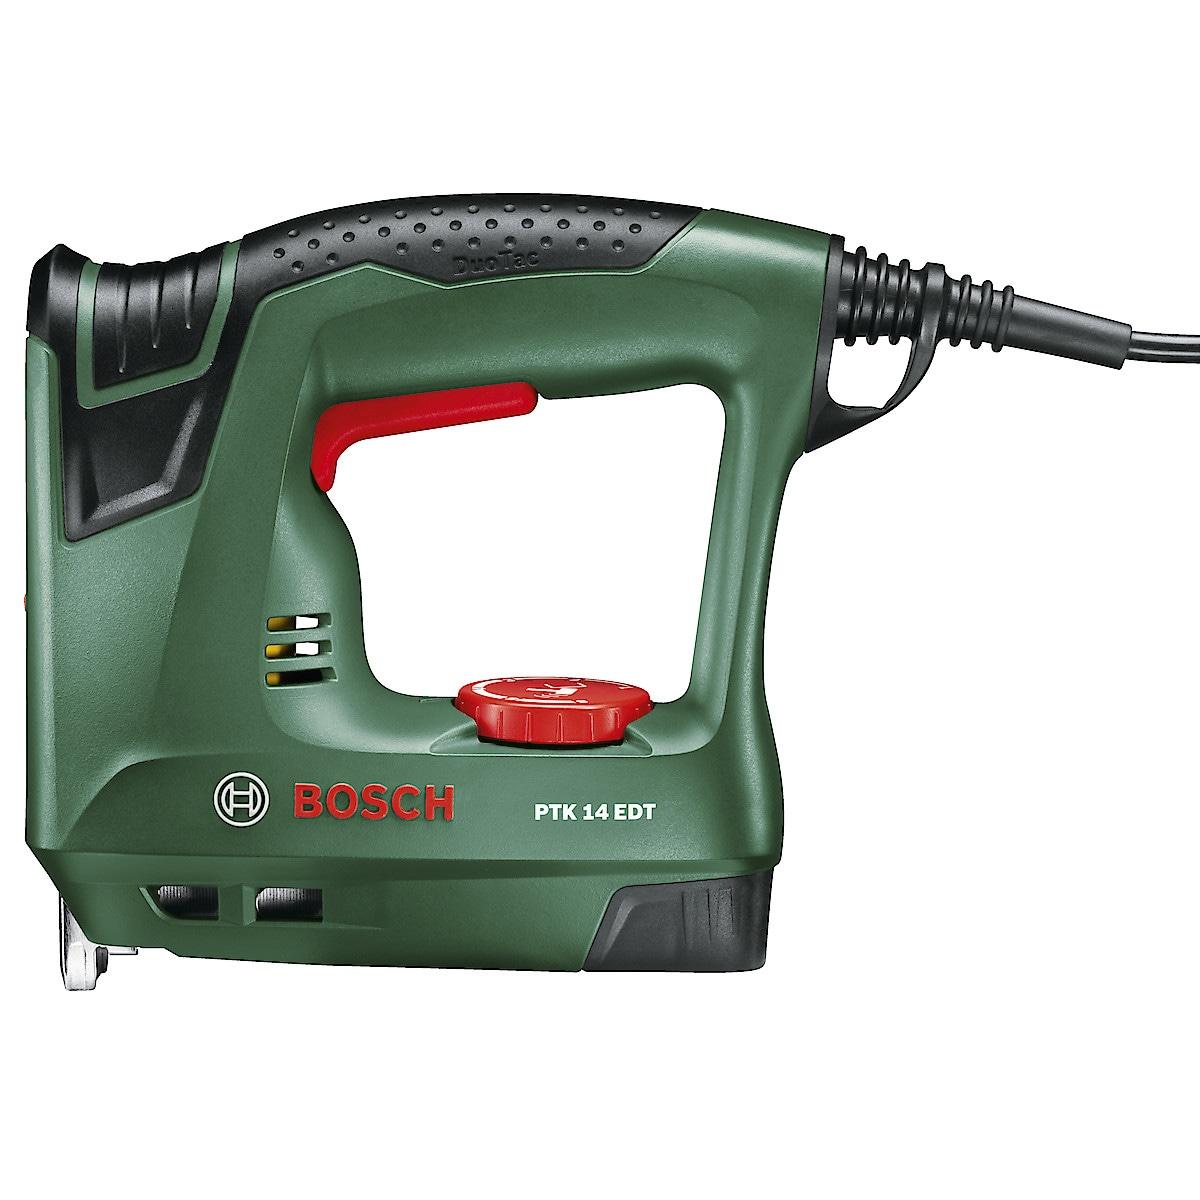 Häftpistol Bosch PTK 14 EDT